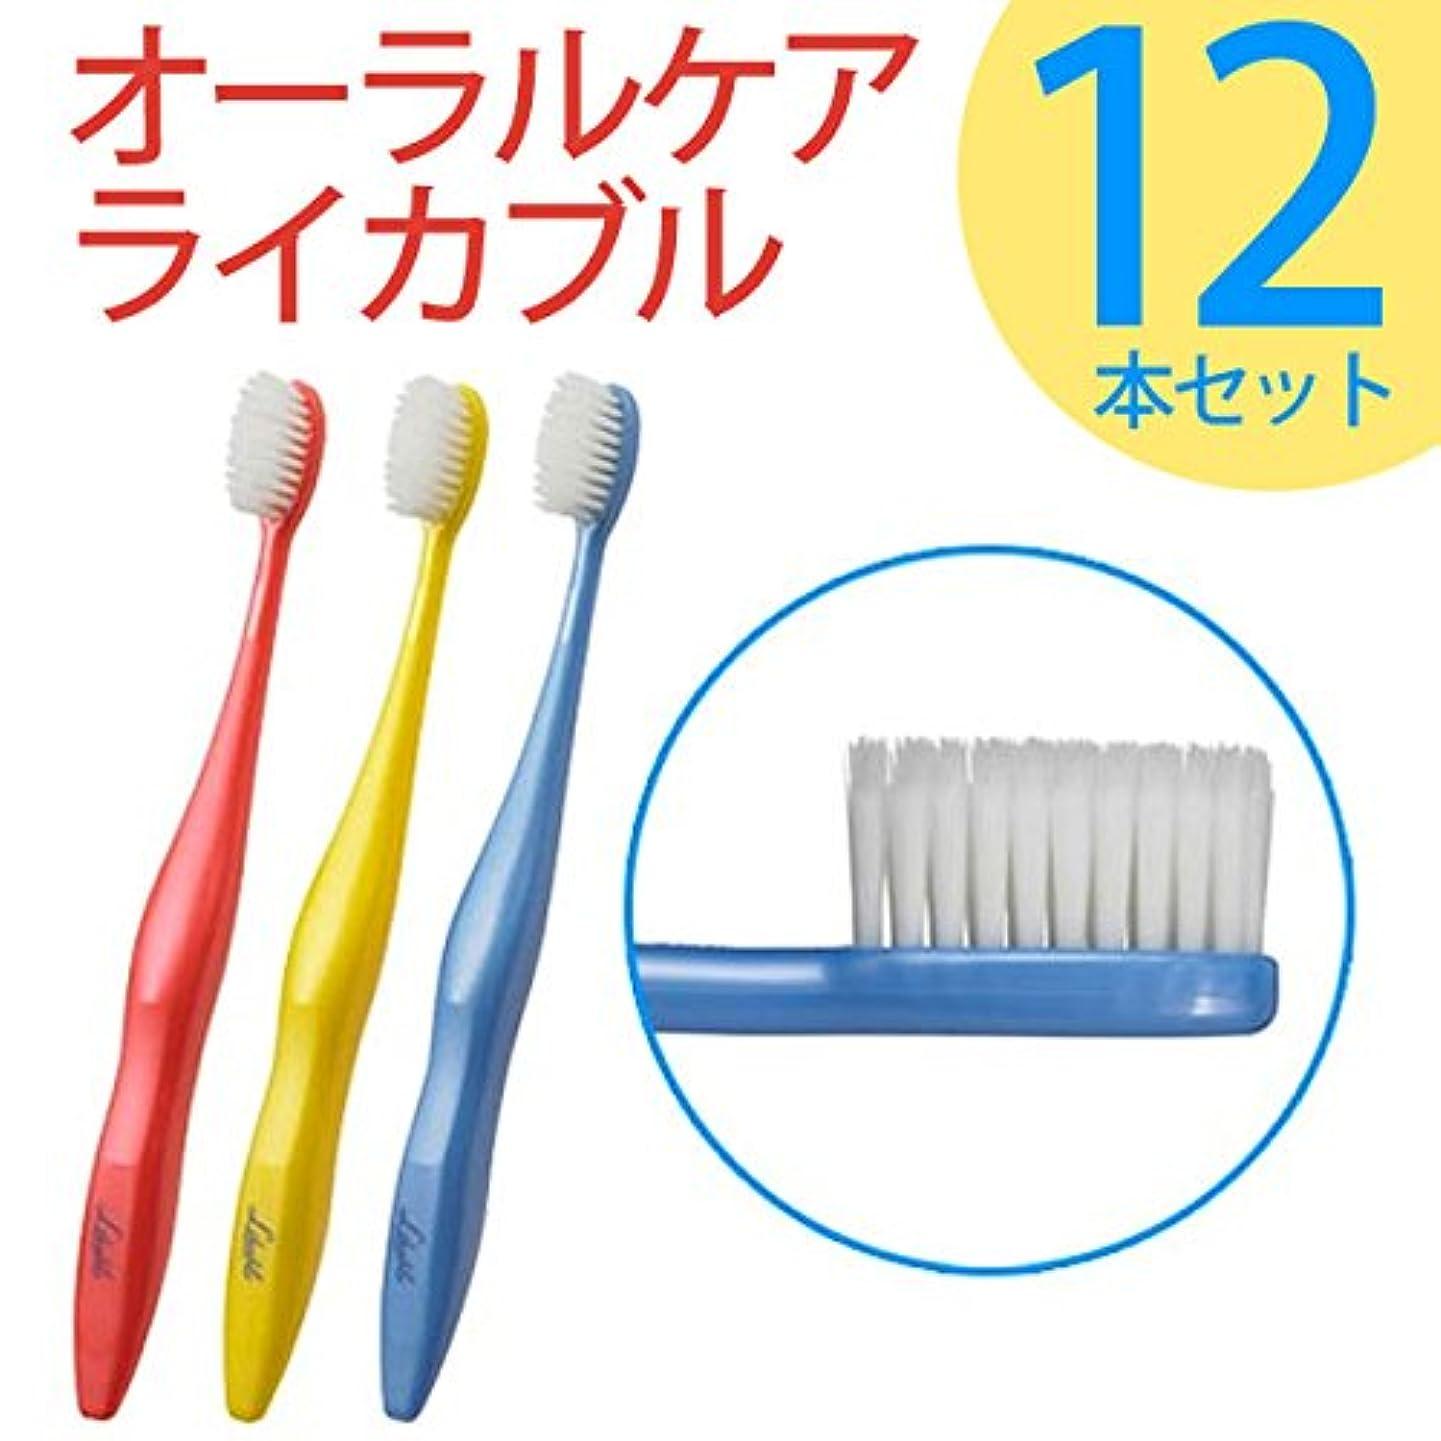 どれか遅い傾くライカブル ライカブル メンテナンス用 歯ブラシ 12本セット